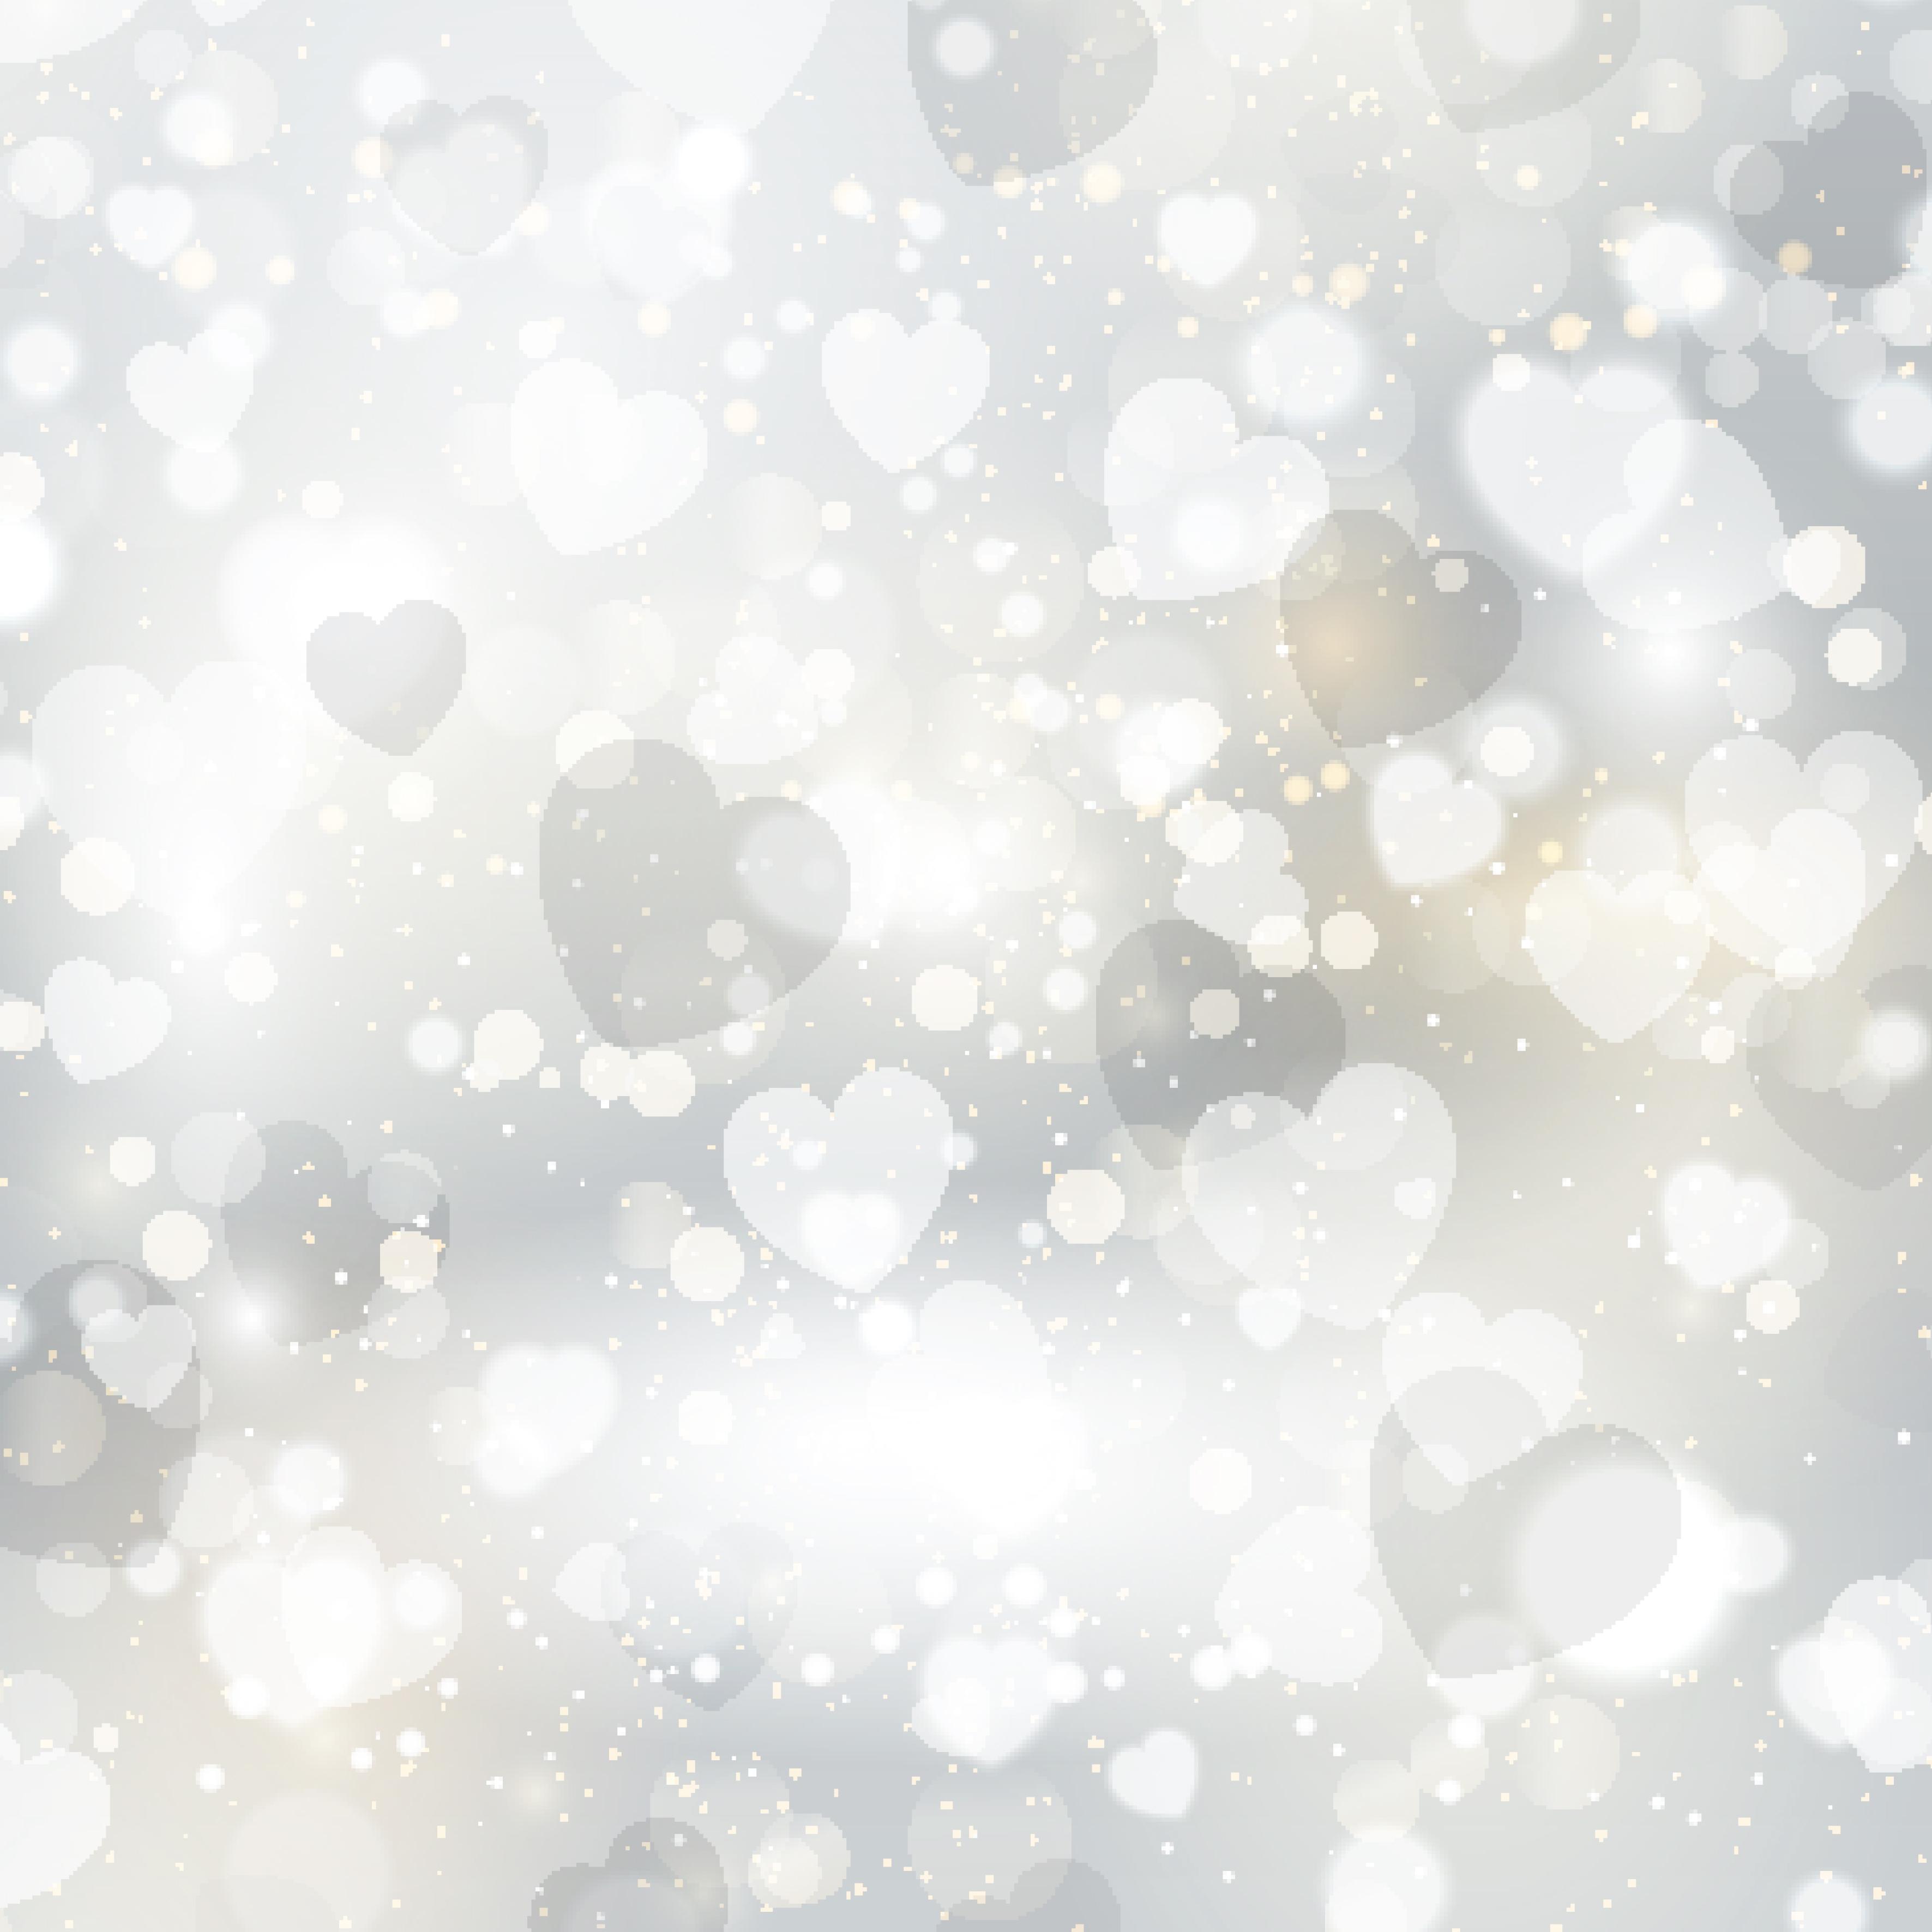 silver love fantasy background  dream  love  silver